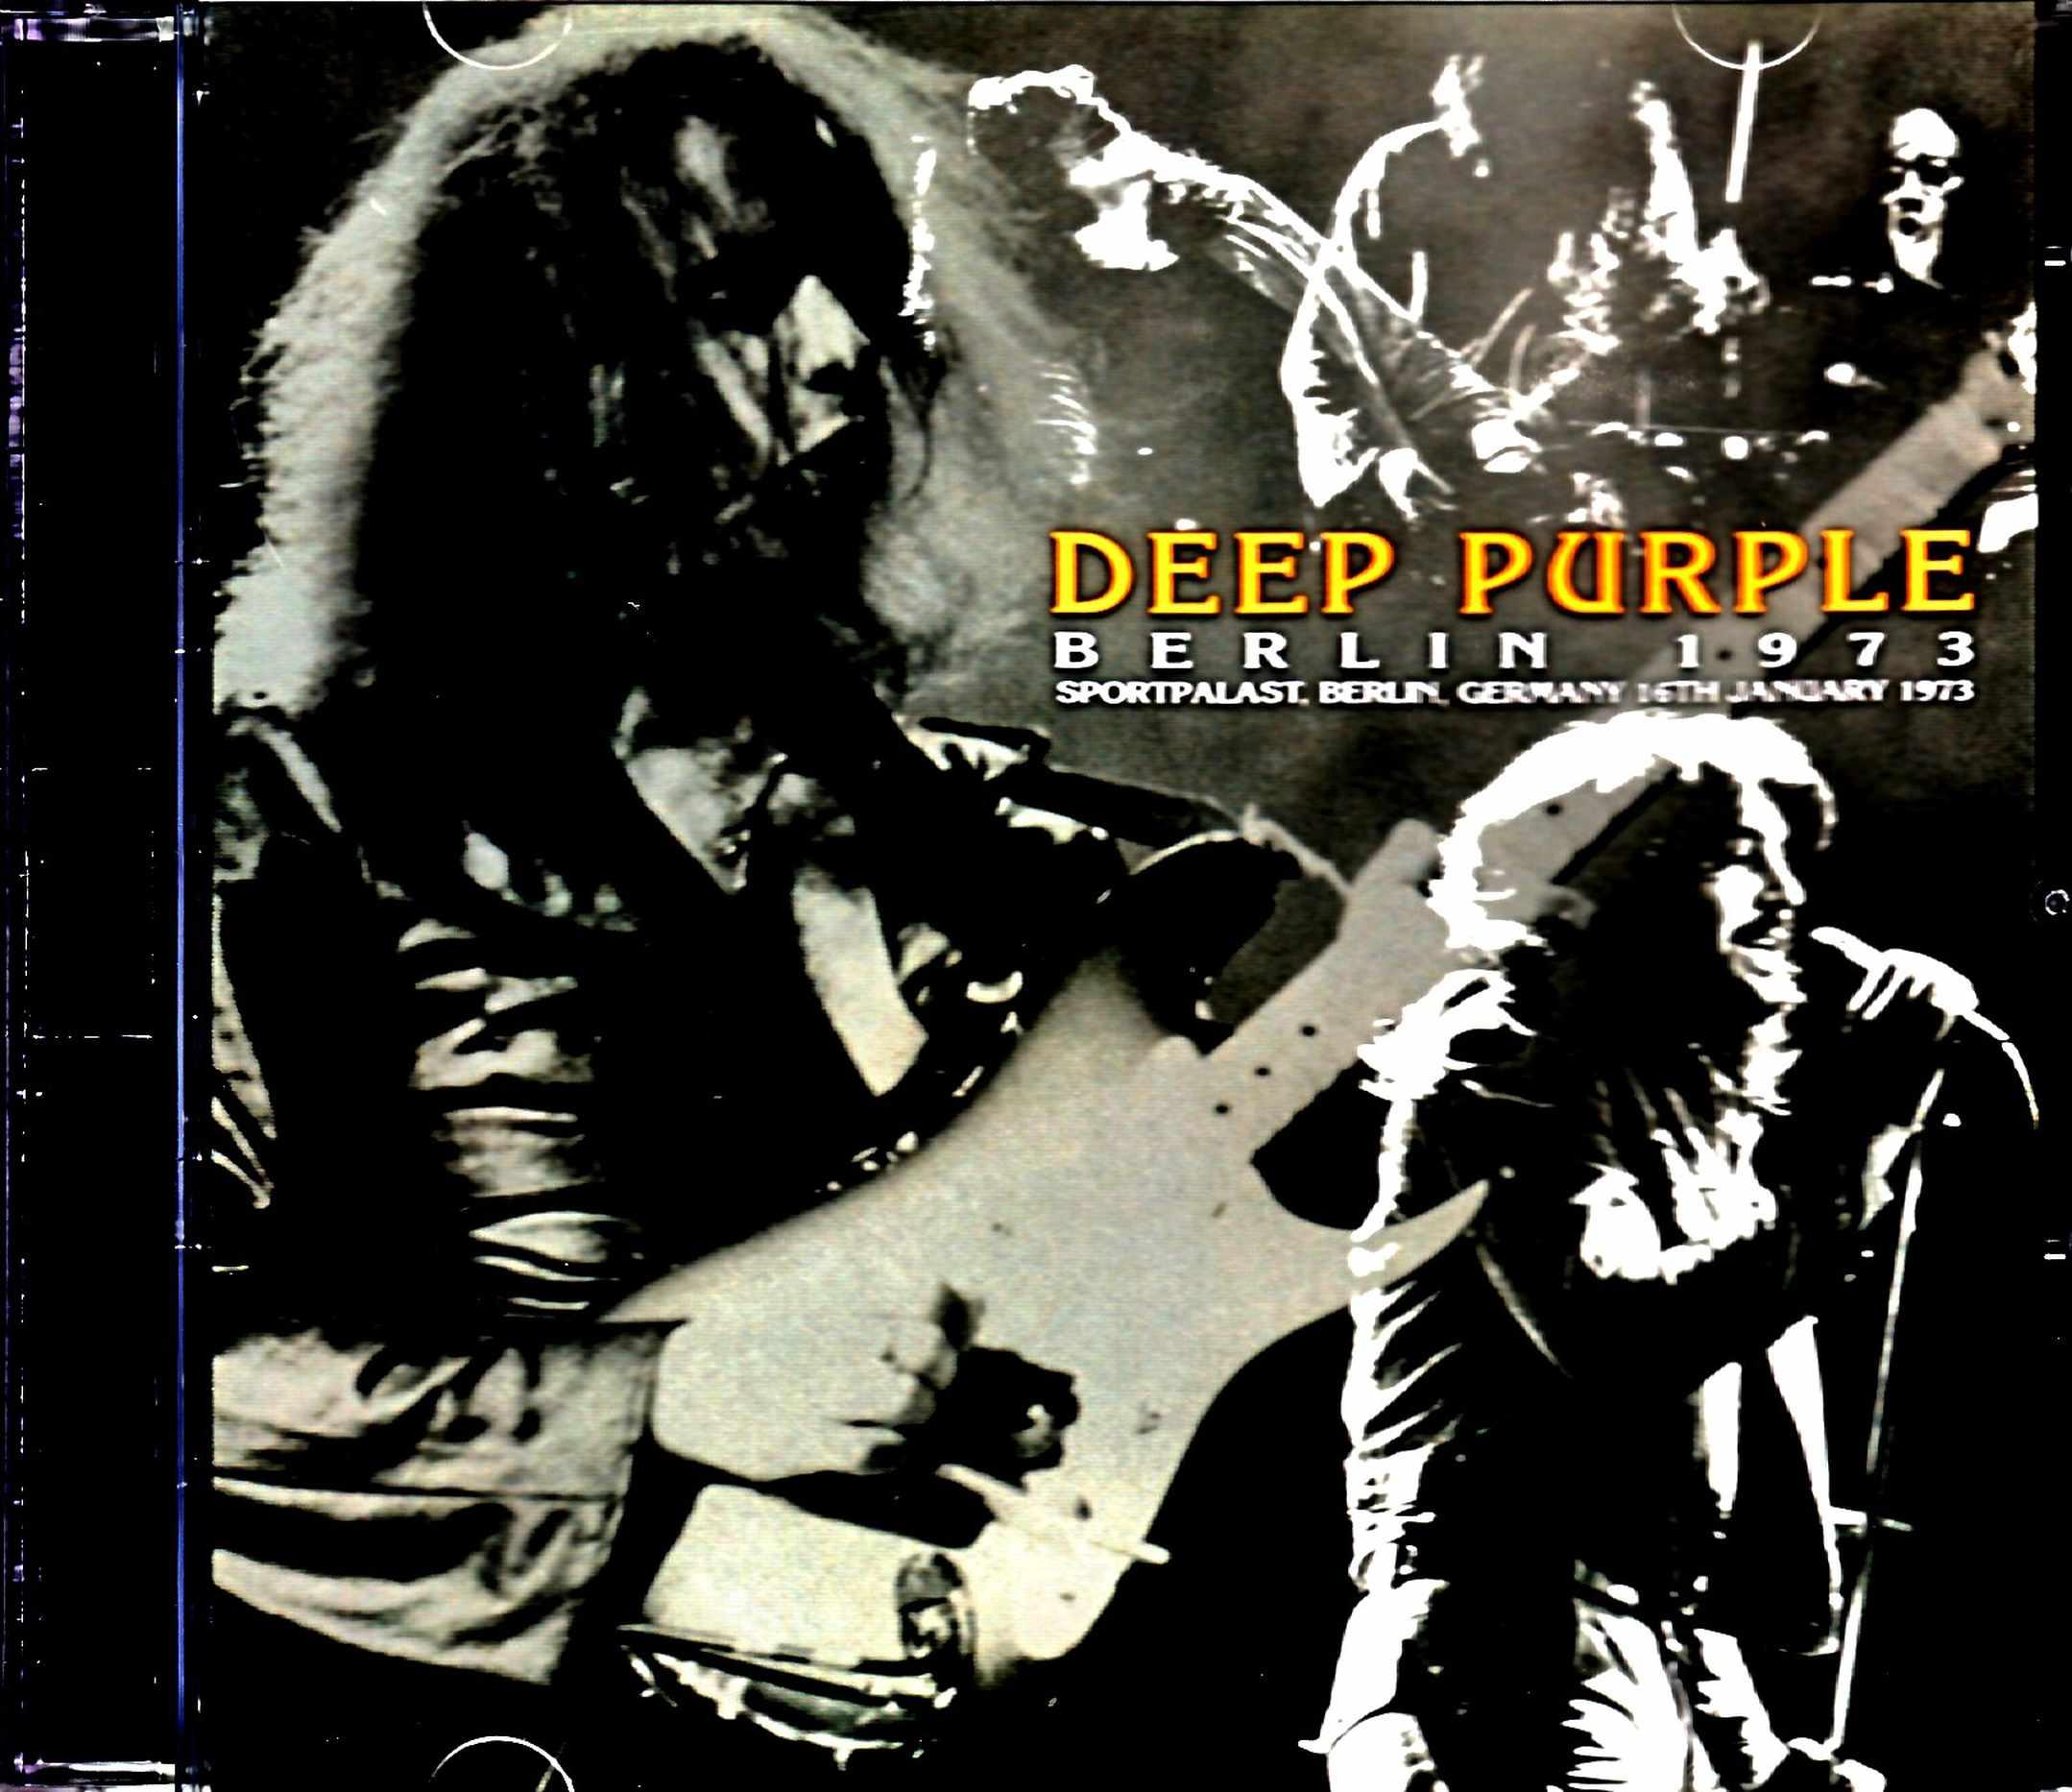 Deep Purple ディープ・パープル/Germany 1.16.1973